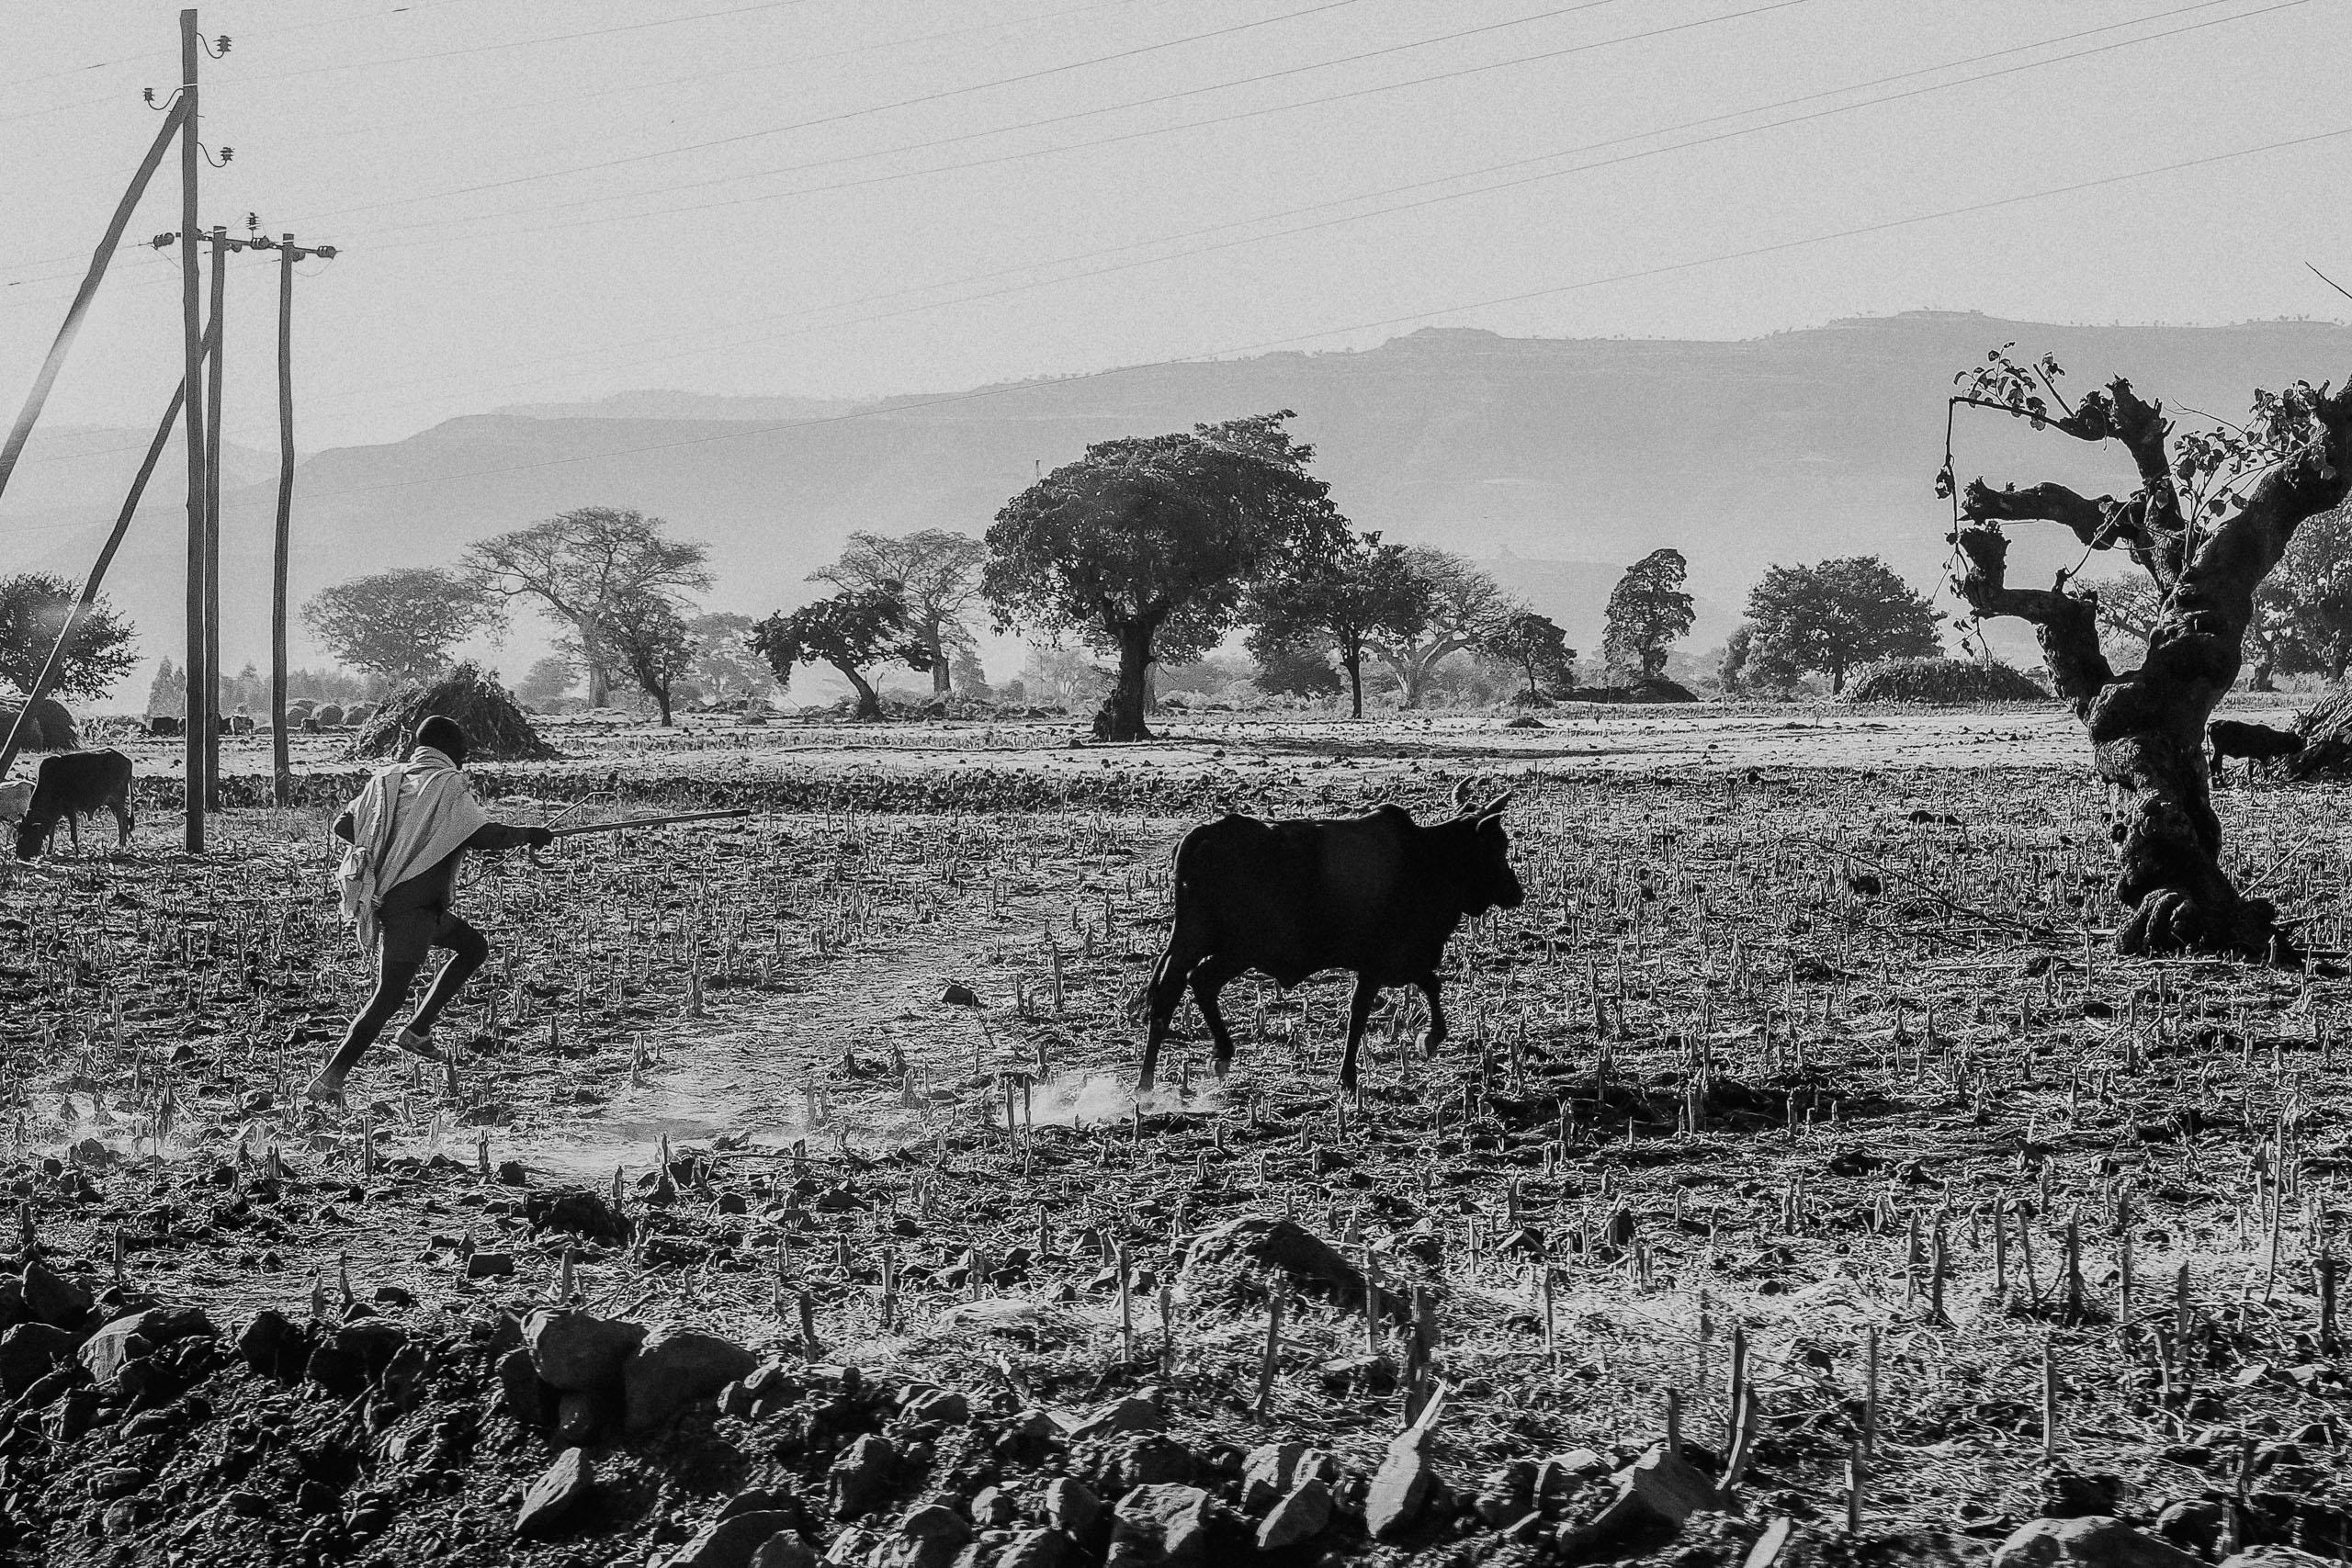 ethiopia-5 Äthiopien (2013 / 2014)